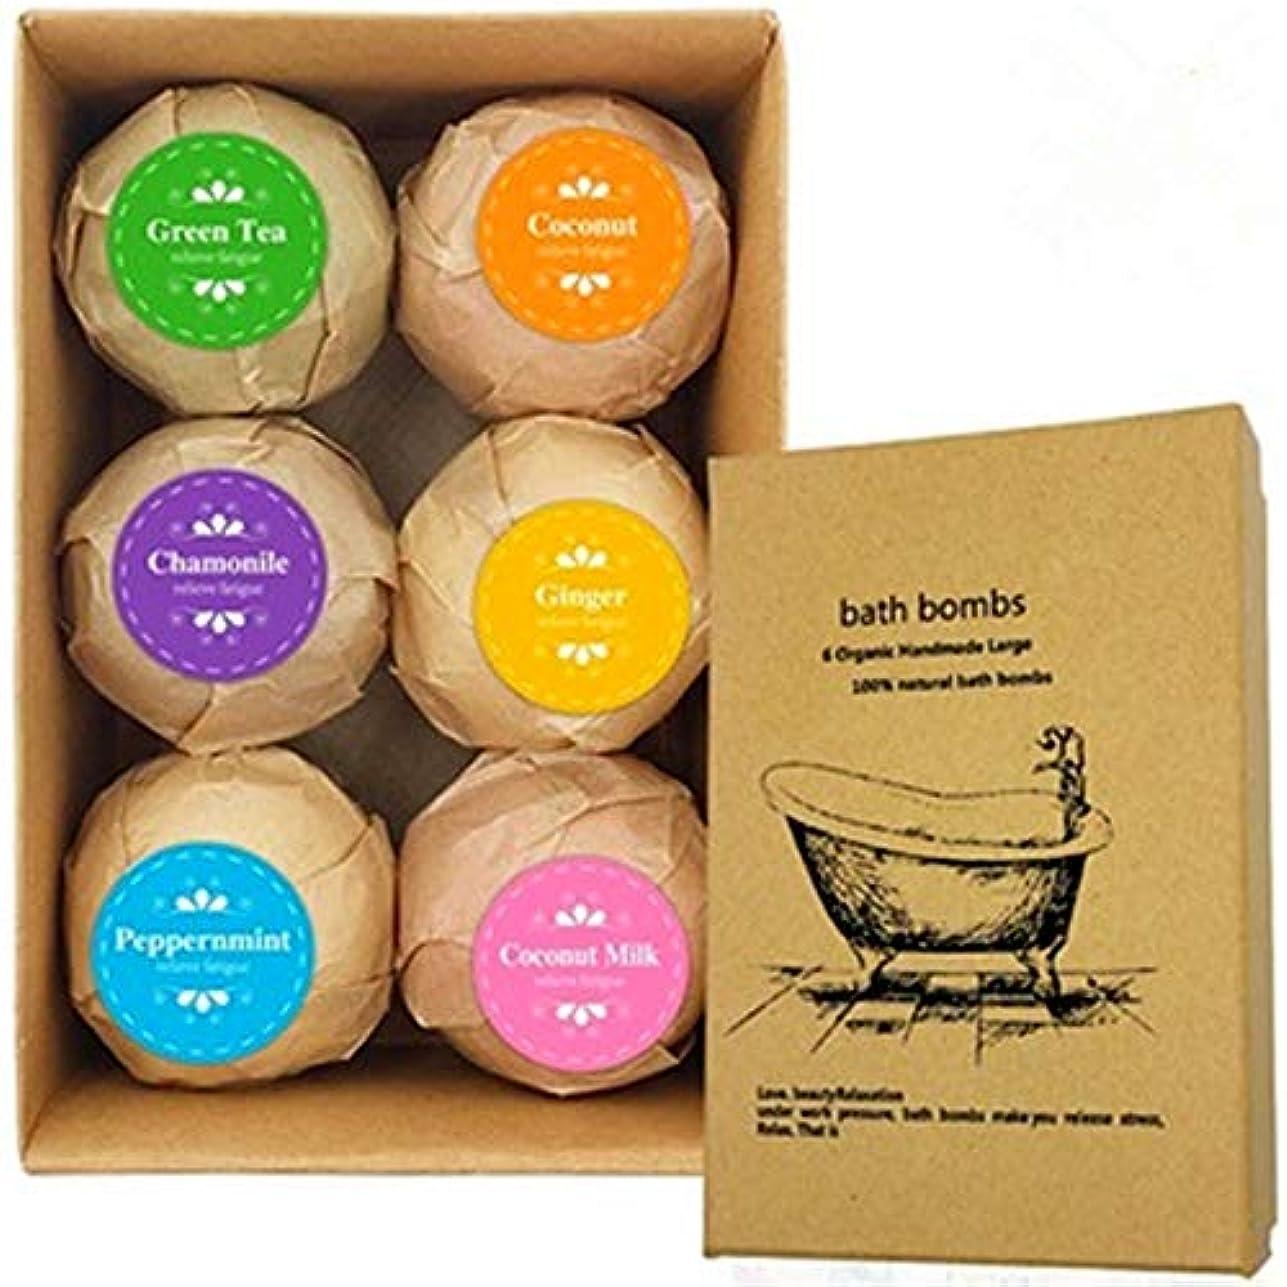 オーブンゆり活発バスボム 入浴剤 炭酸 バスボール 6つの香り 手作り 入浴料 うるおいプラス お風呂用 入浴剤 ギフトセット6枚 贈り物 プレゼント最適